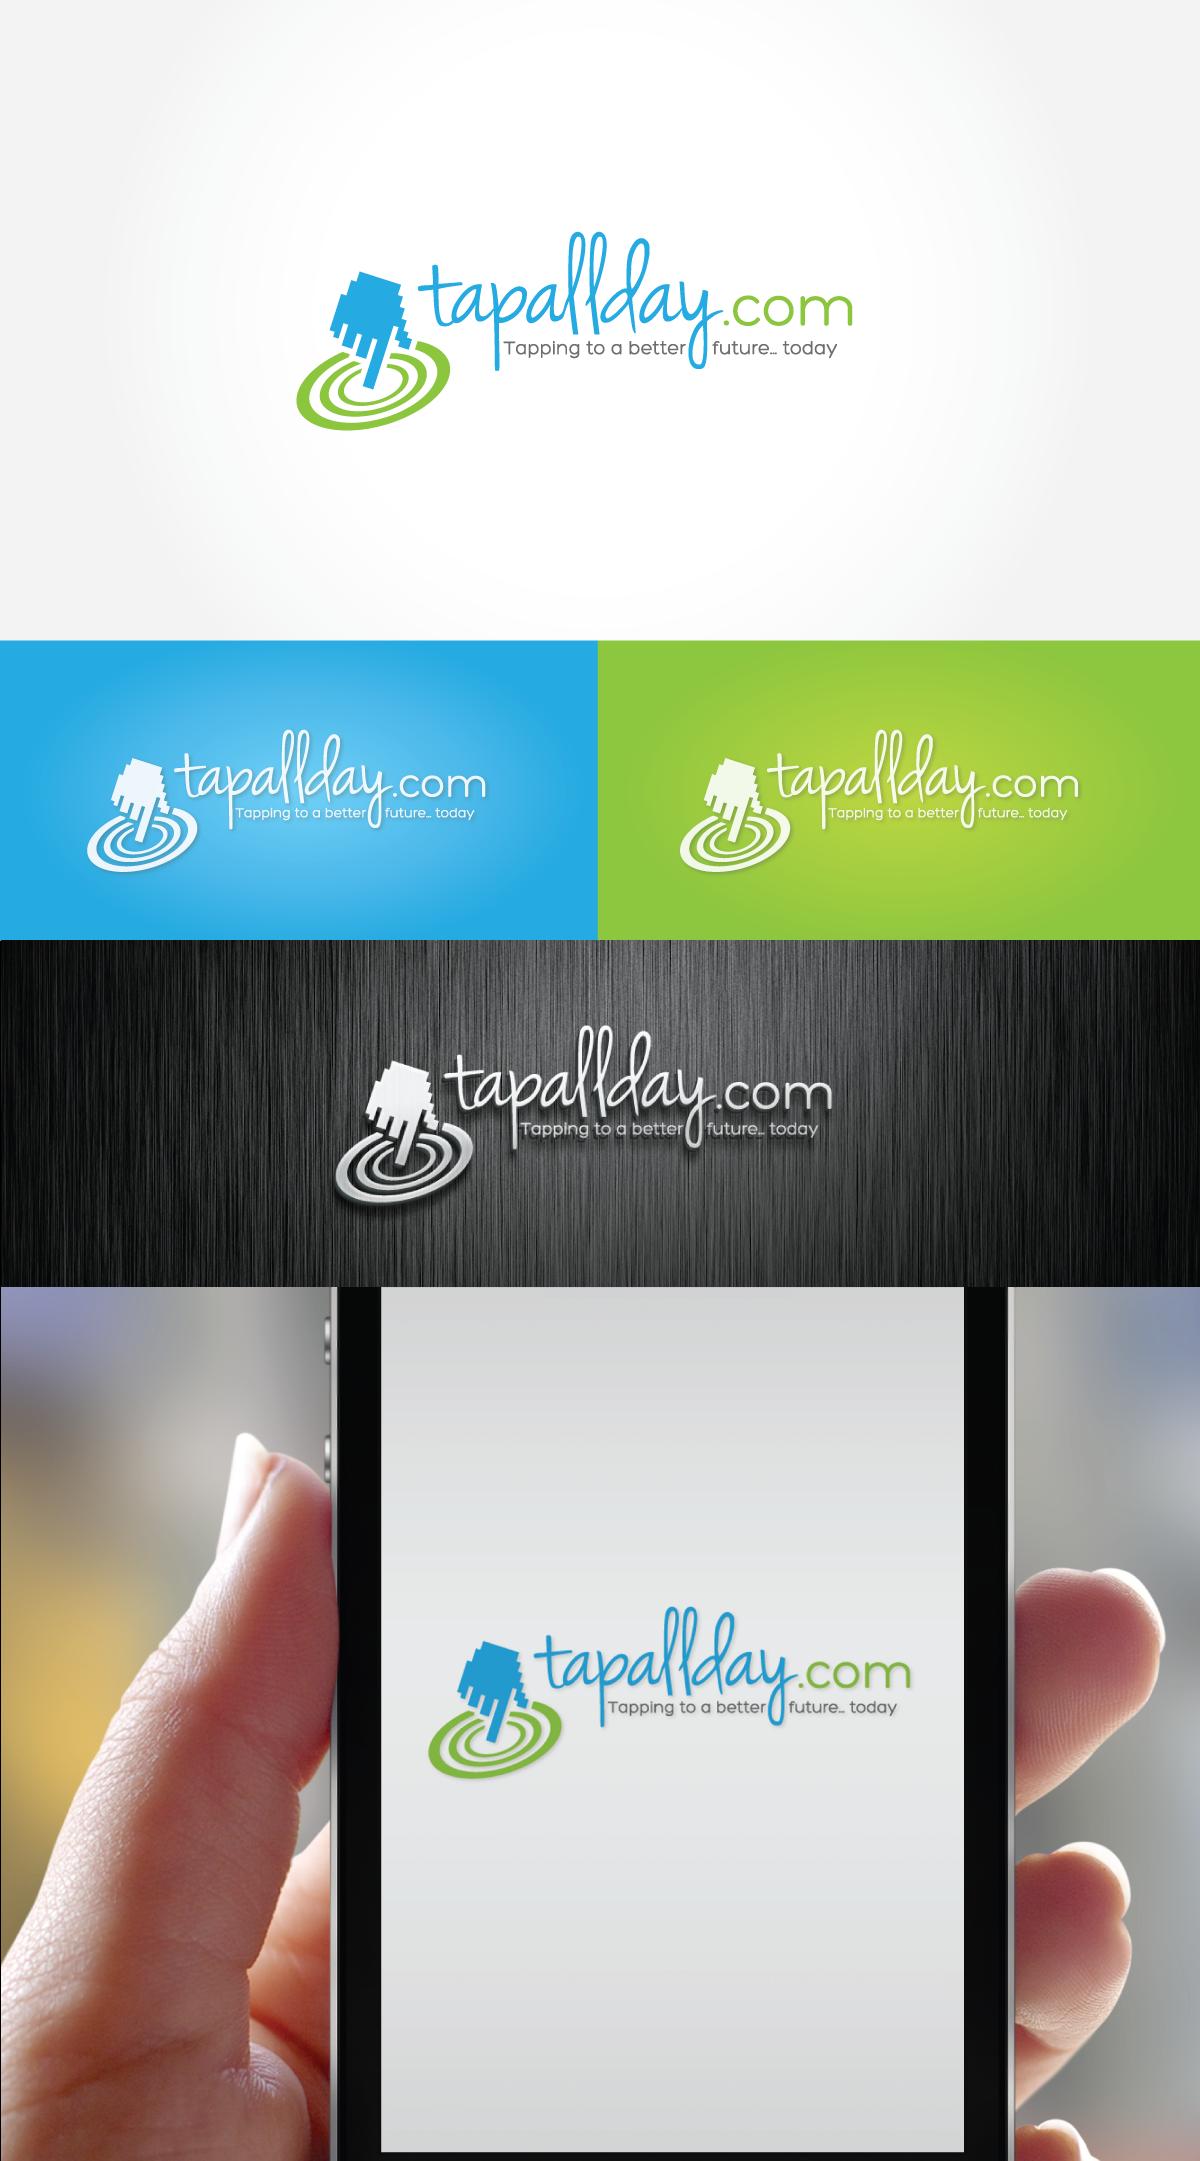 tapallday.com needs a new logo